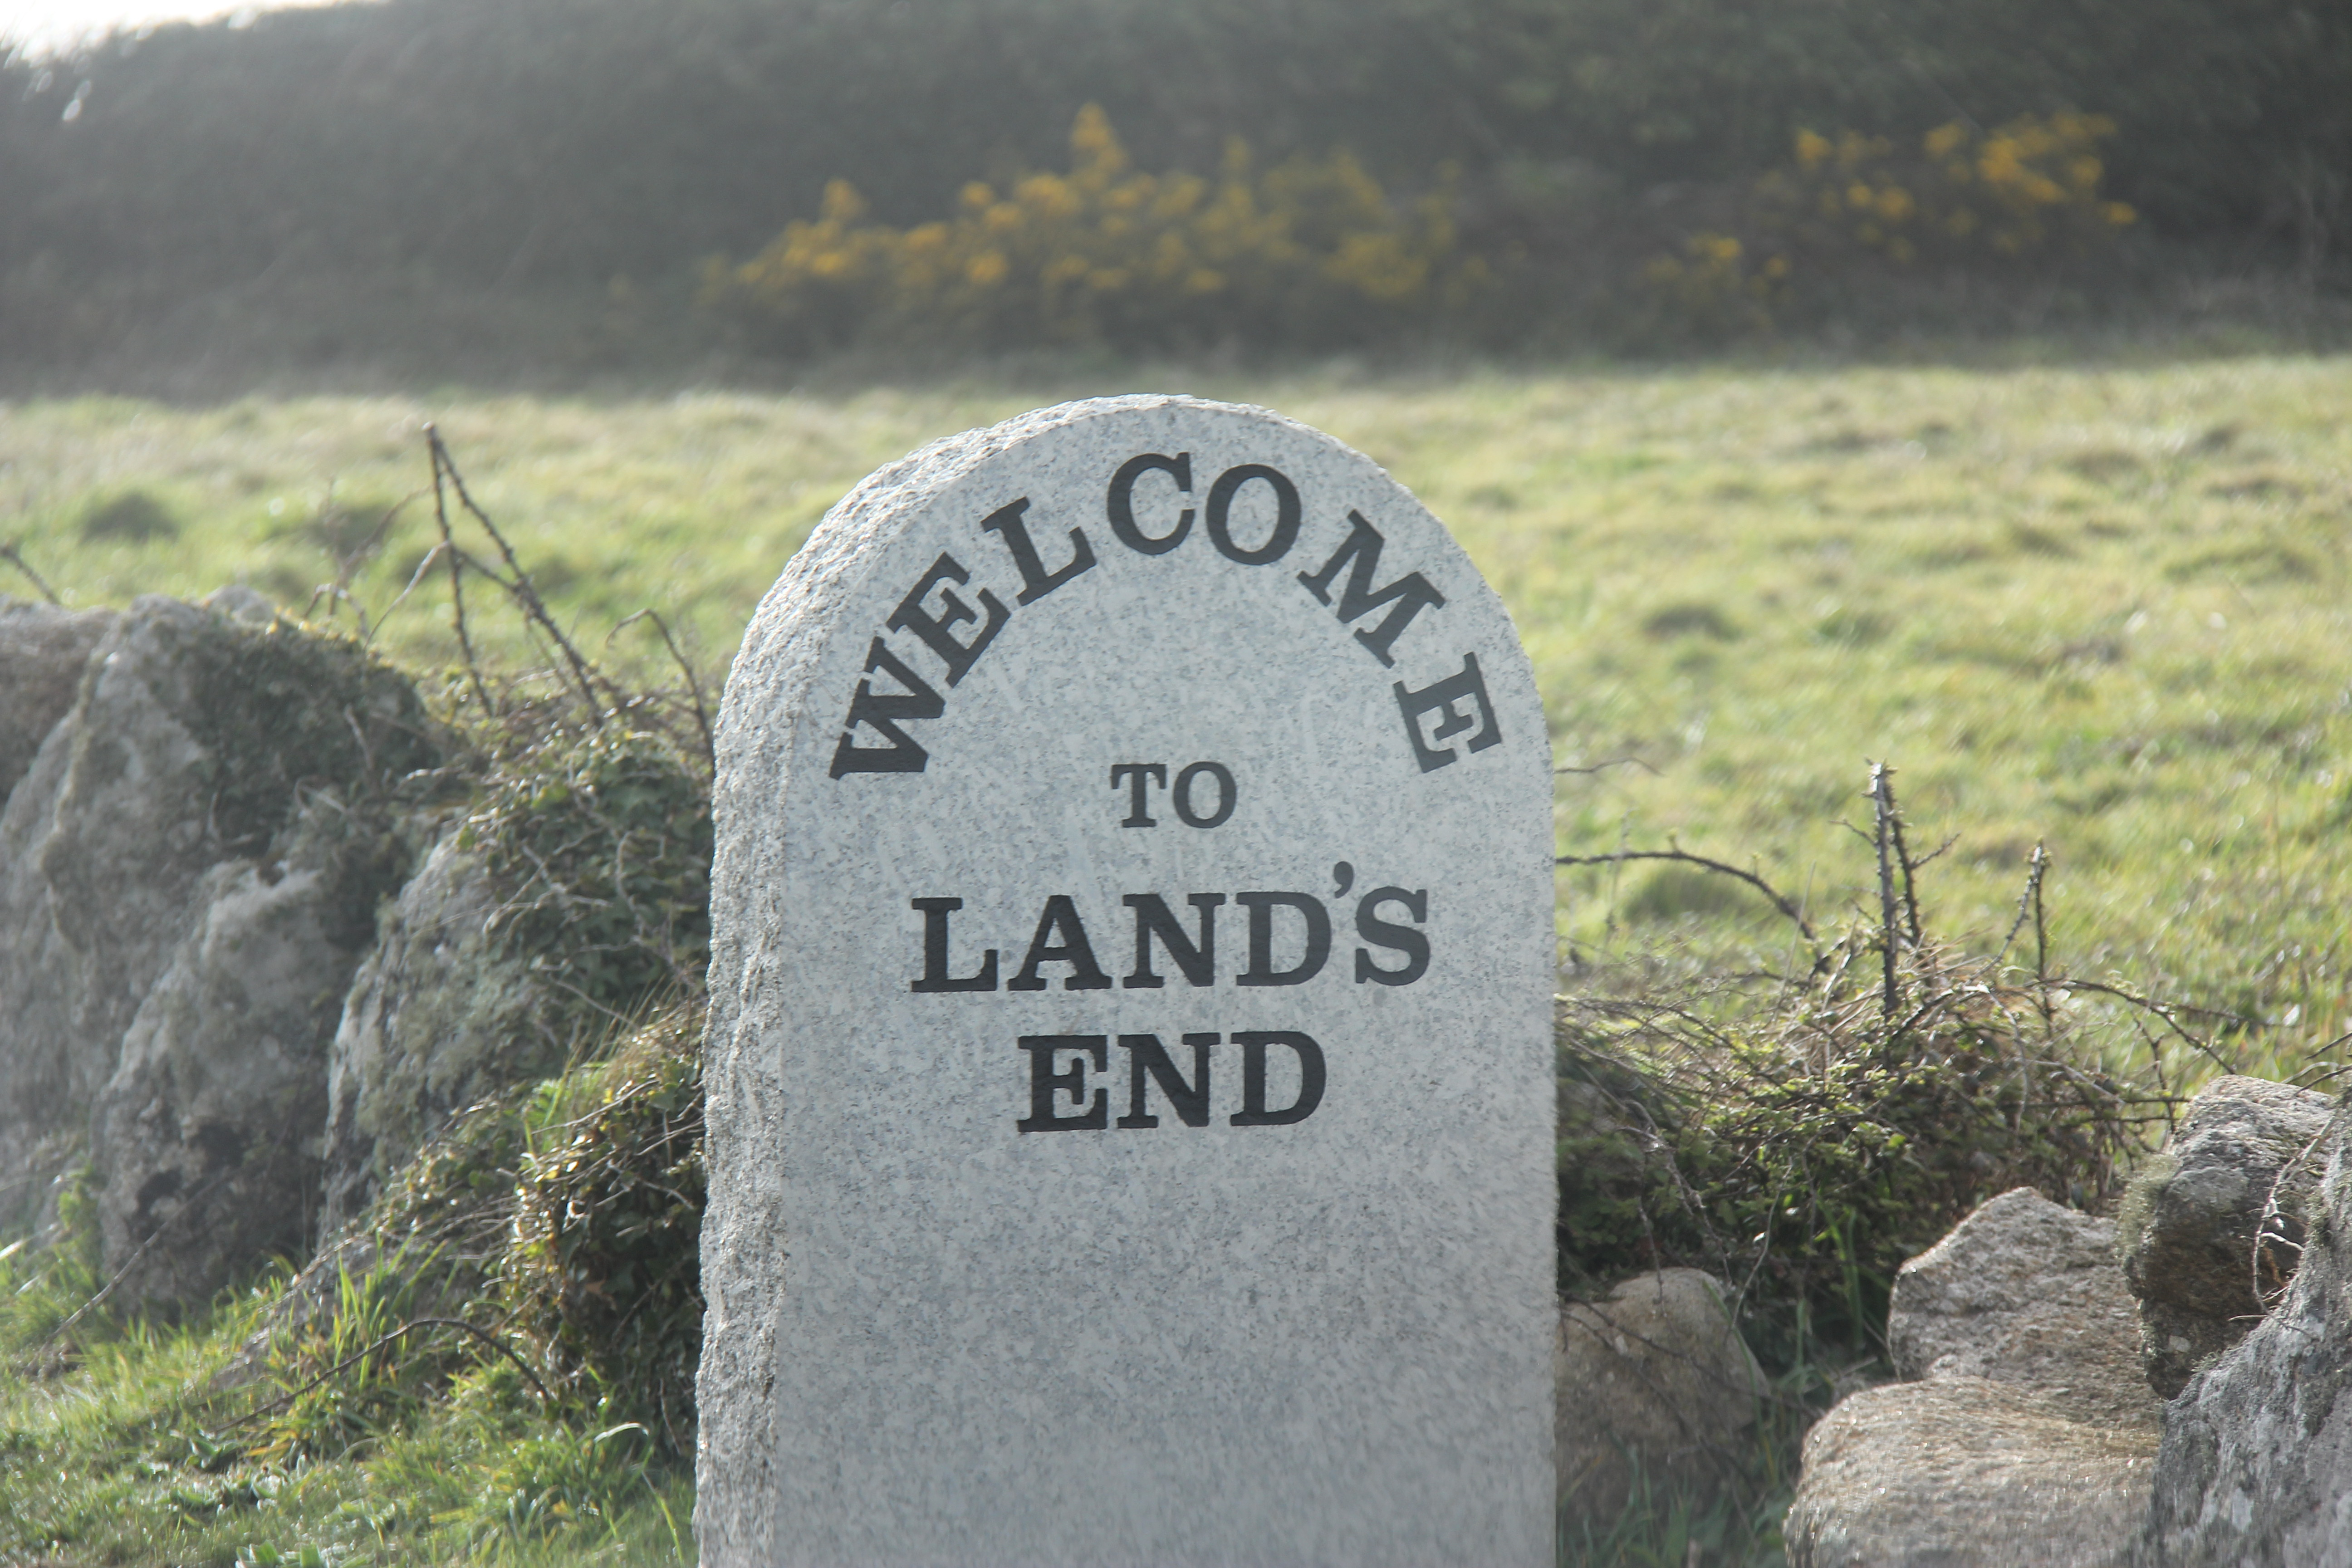 Ekspedition Lands End – del 6 (Lands End)